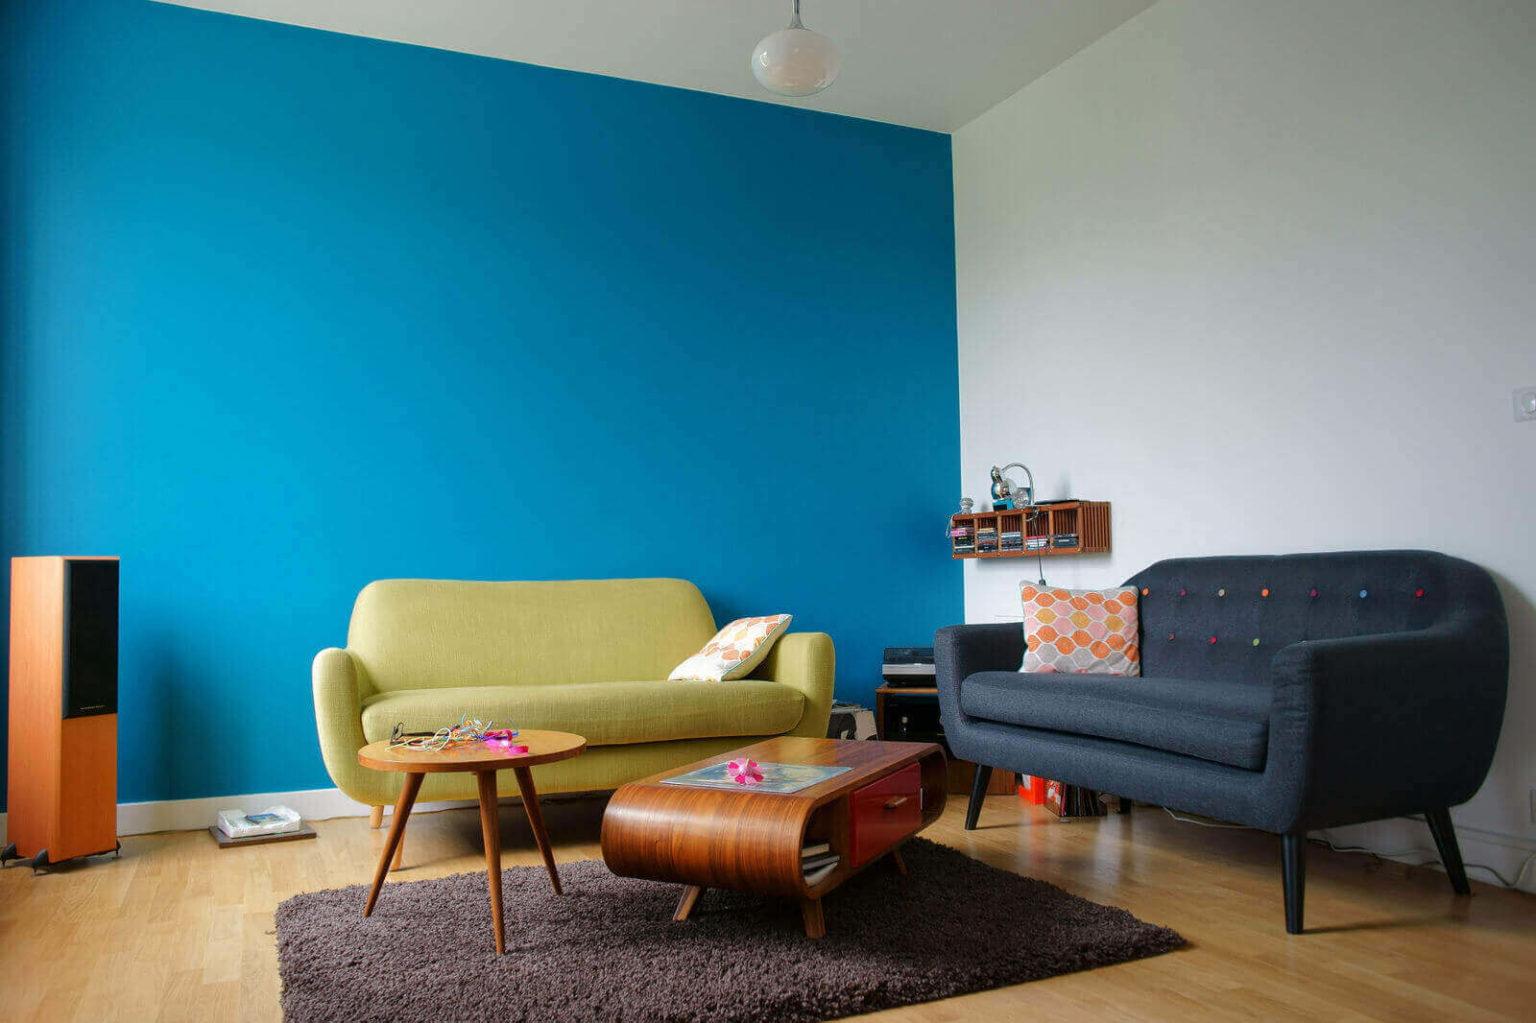 Акриловая краска на стенах